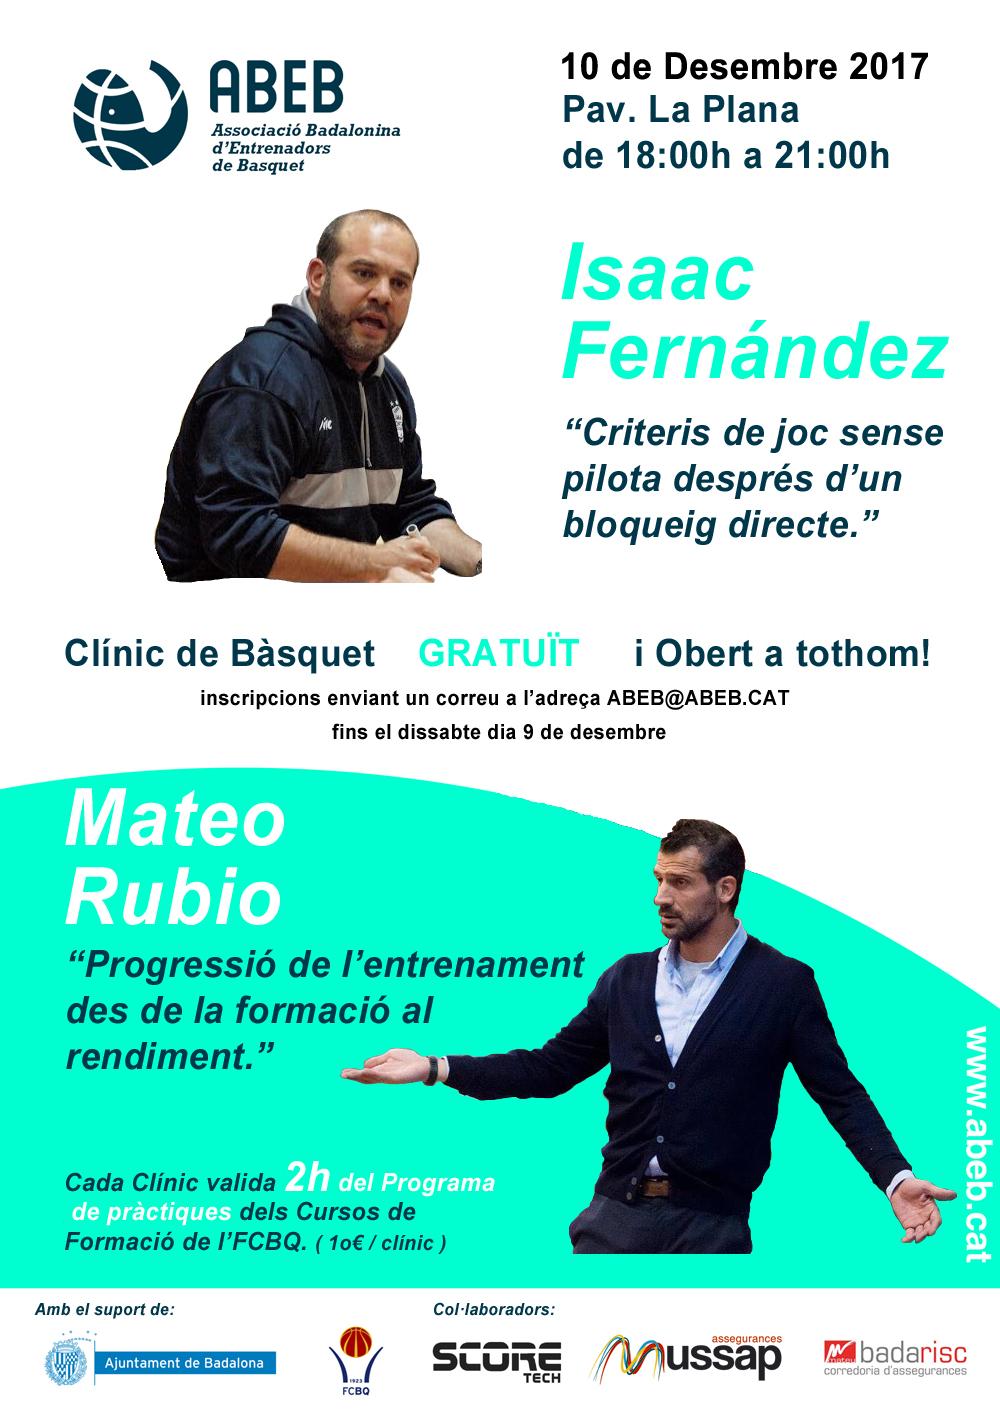 CLÍNIC ABEB – amb l'Isaac Fernández i en Mateo Rubio